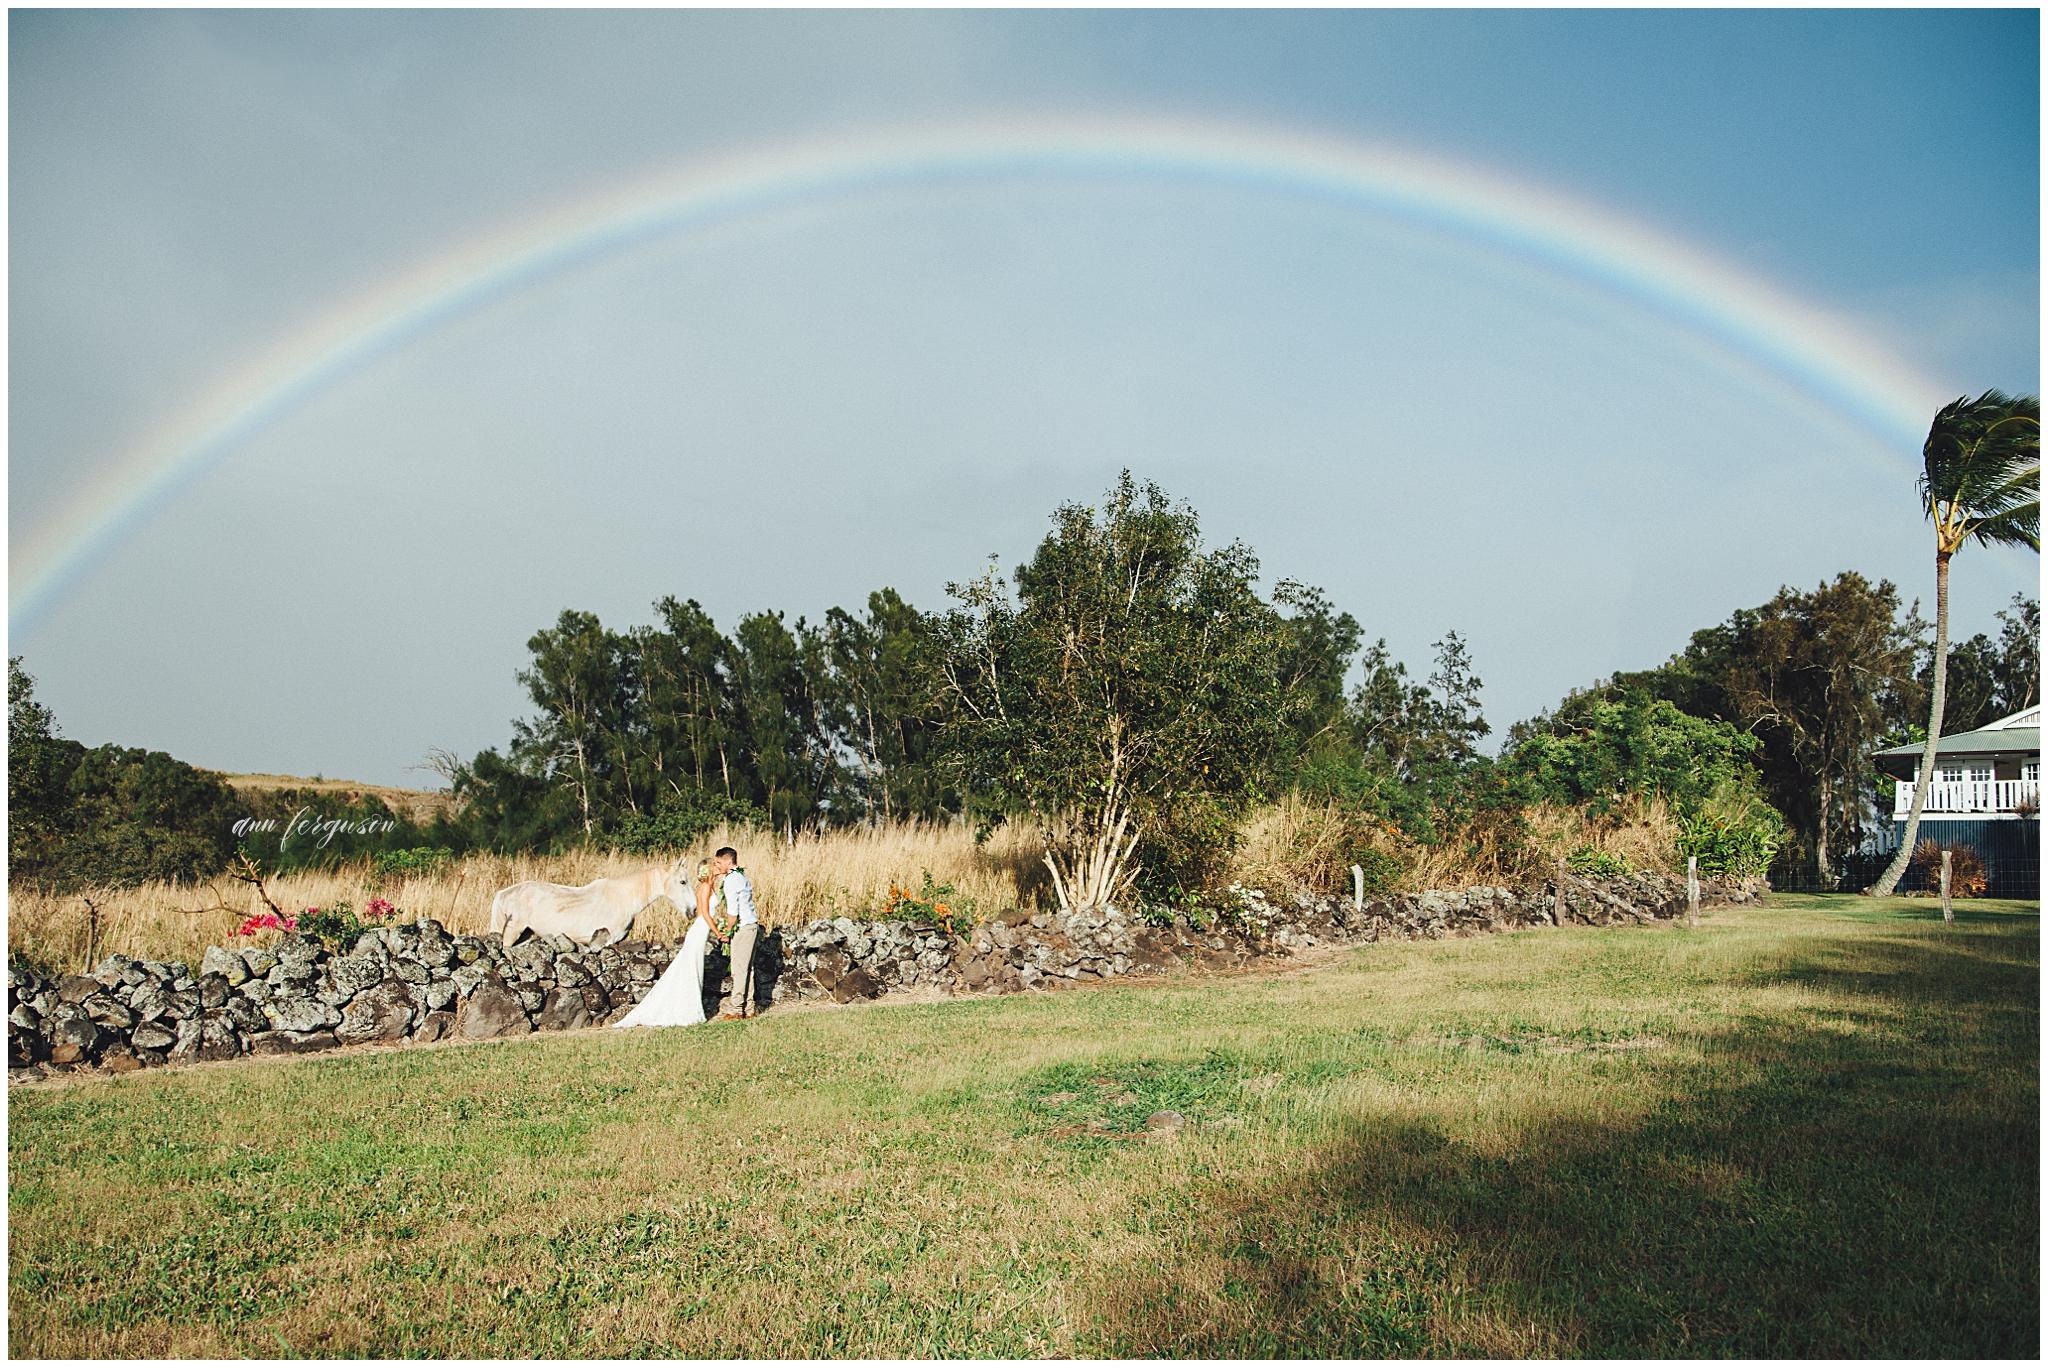 rainbows and weddings in hawaii